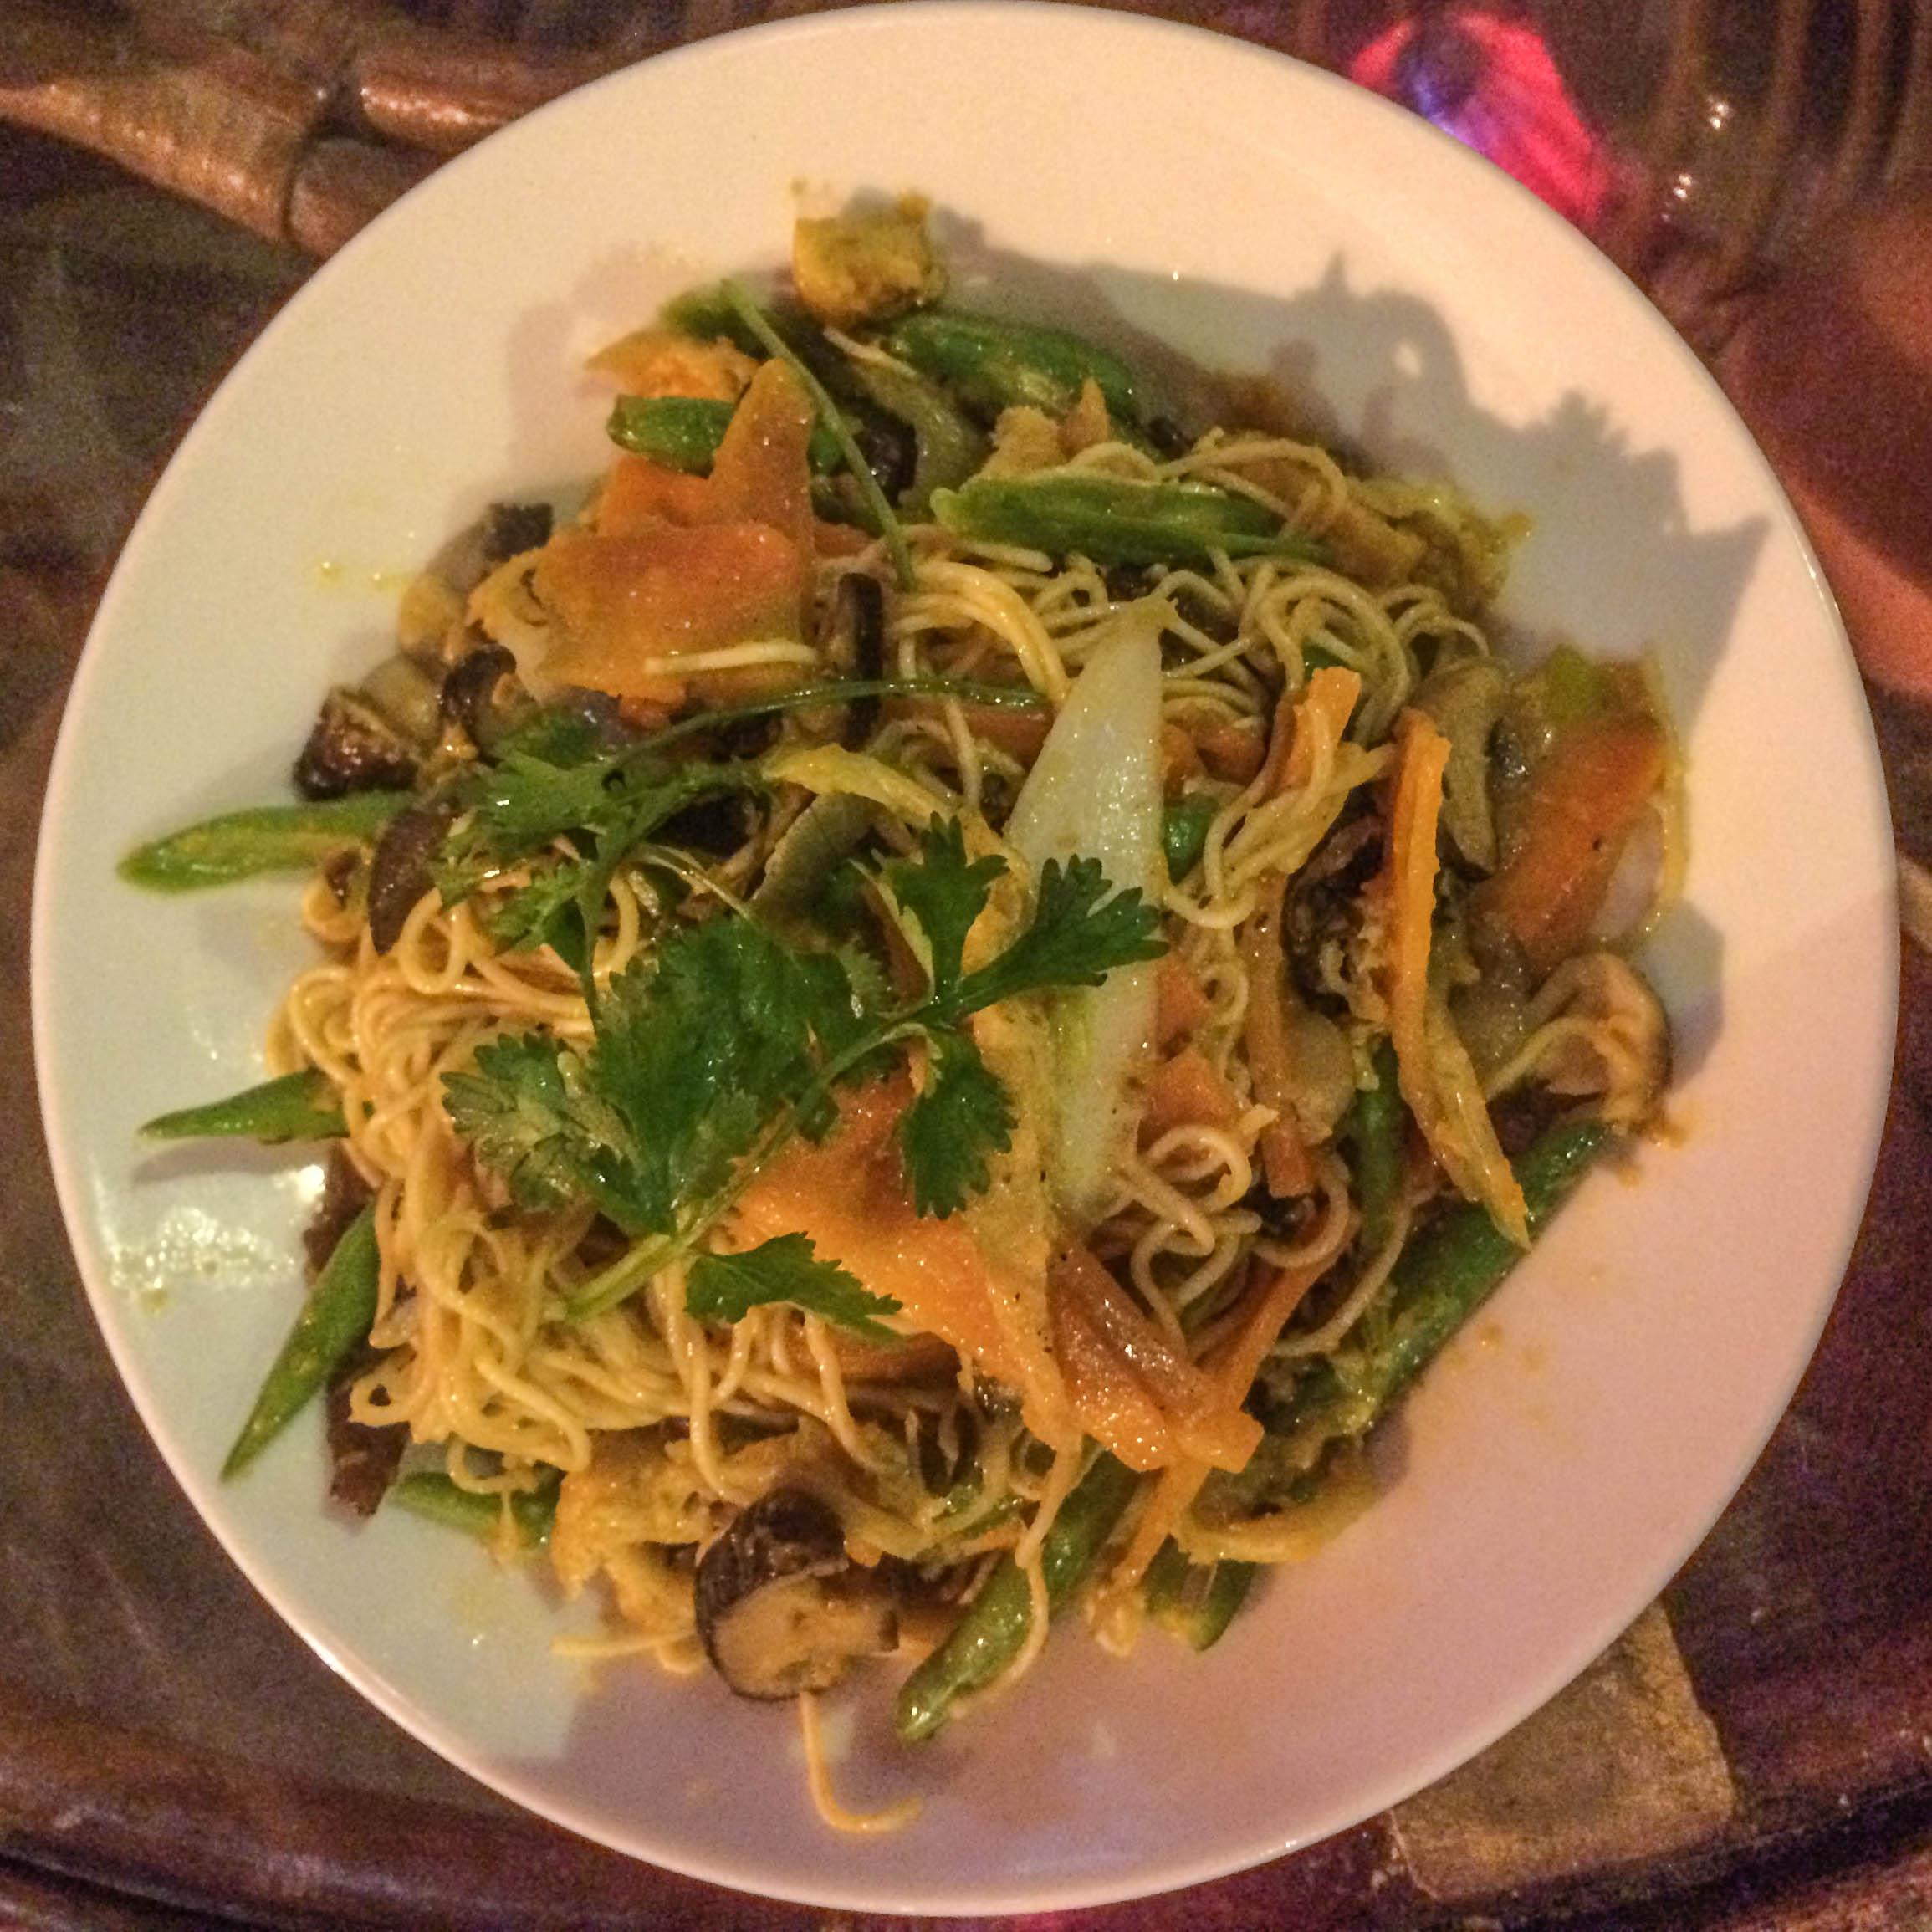 Copy of Stir-Fried Noodles & Vegetables